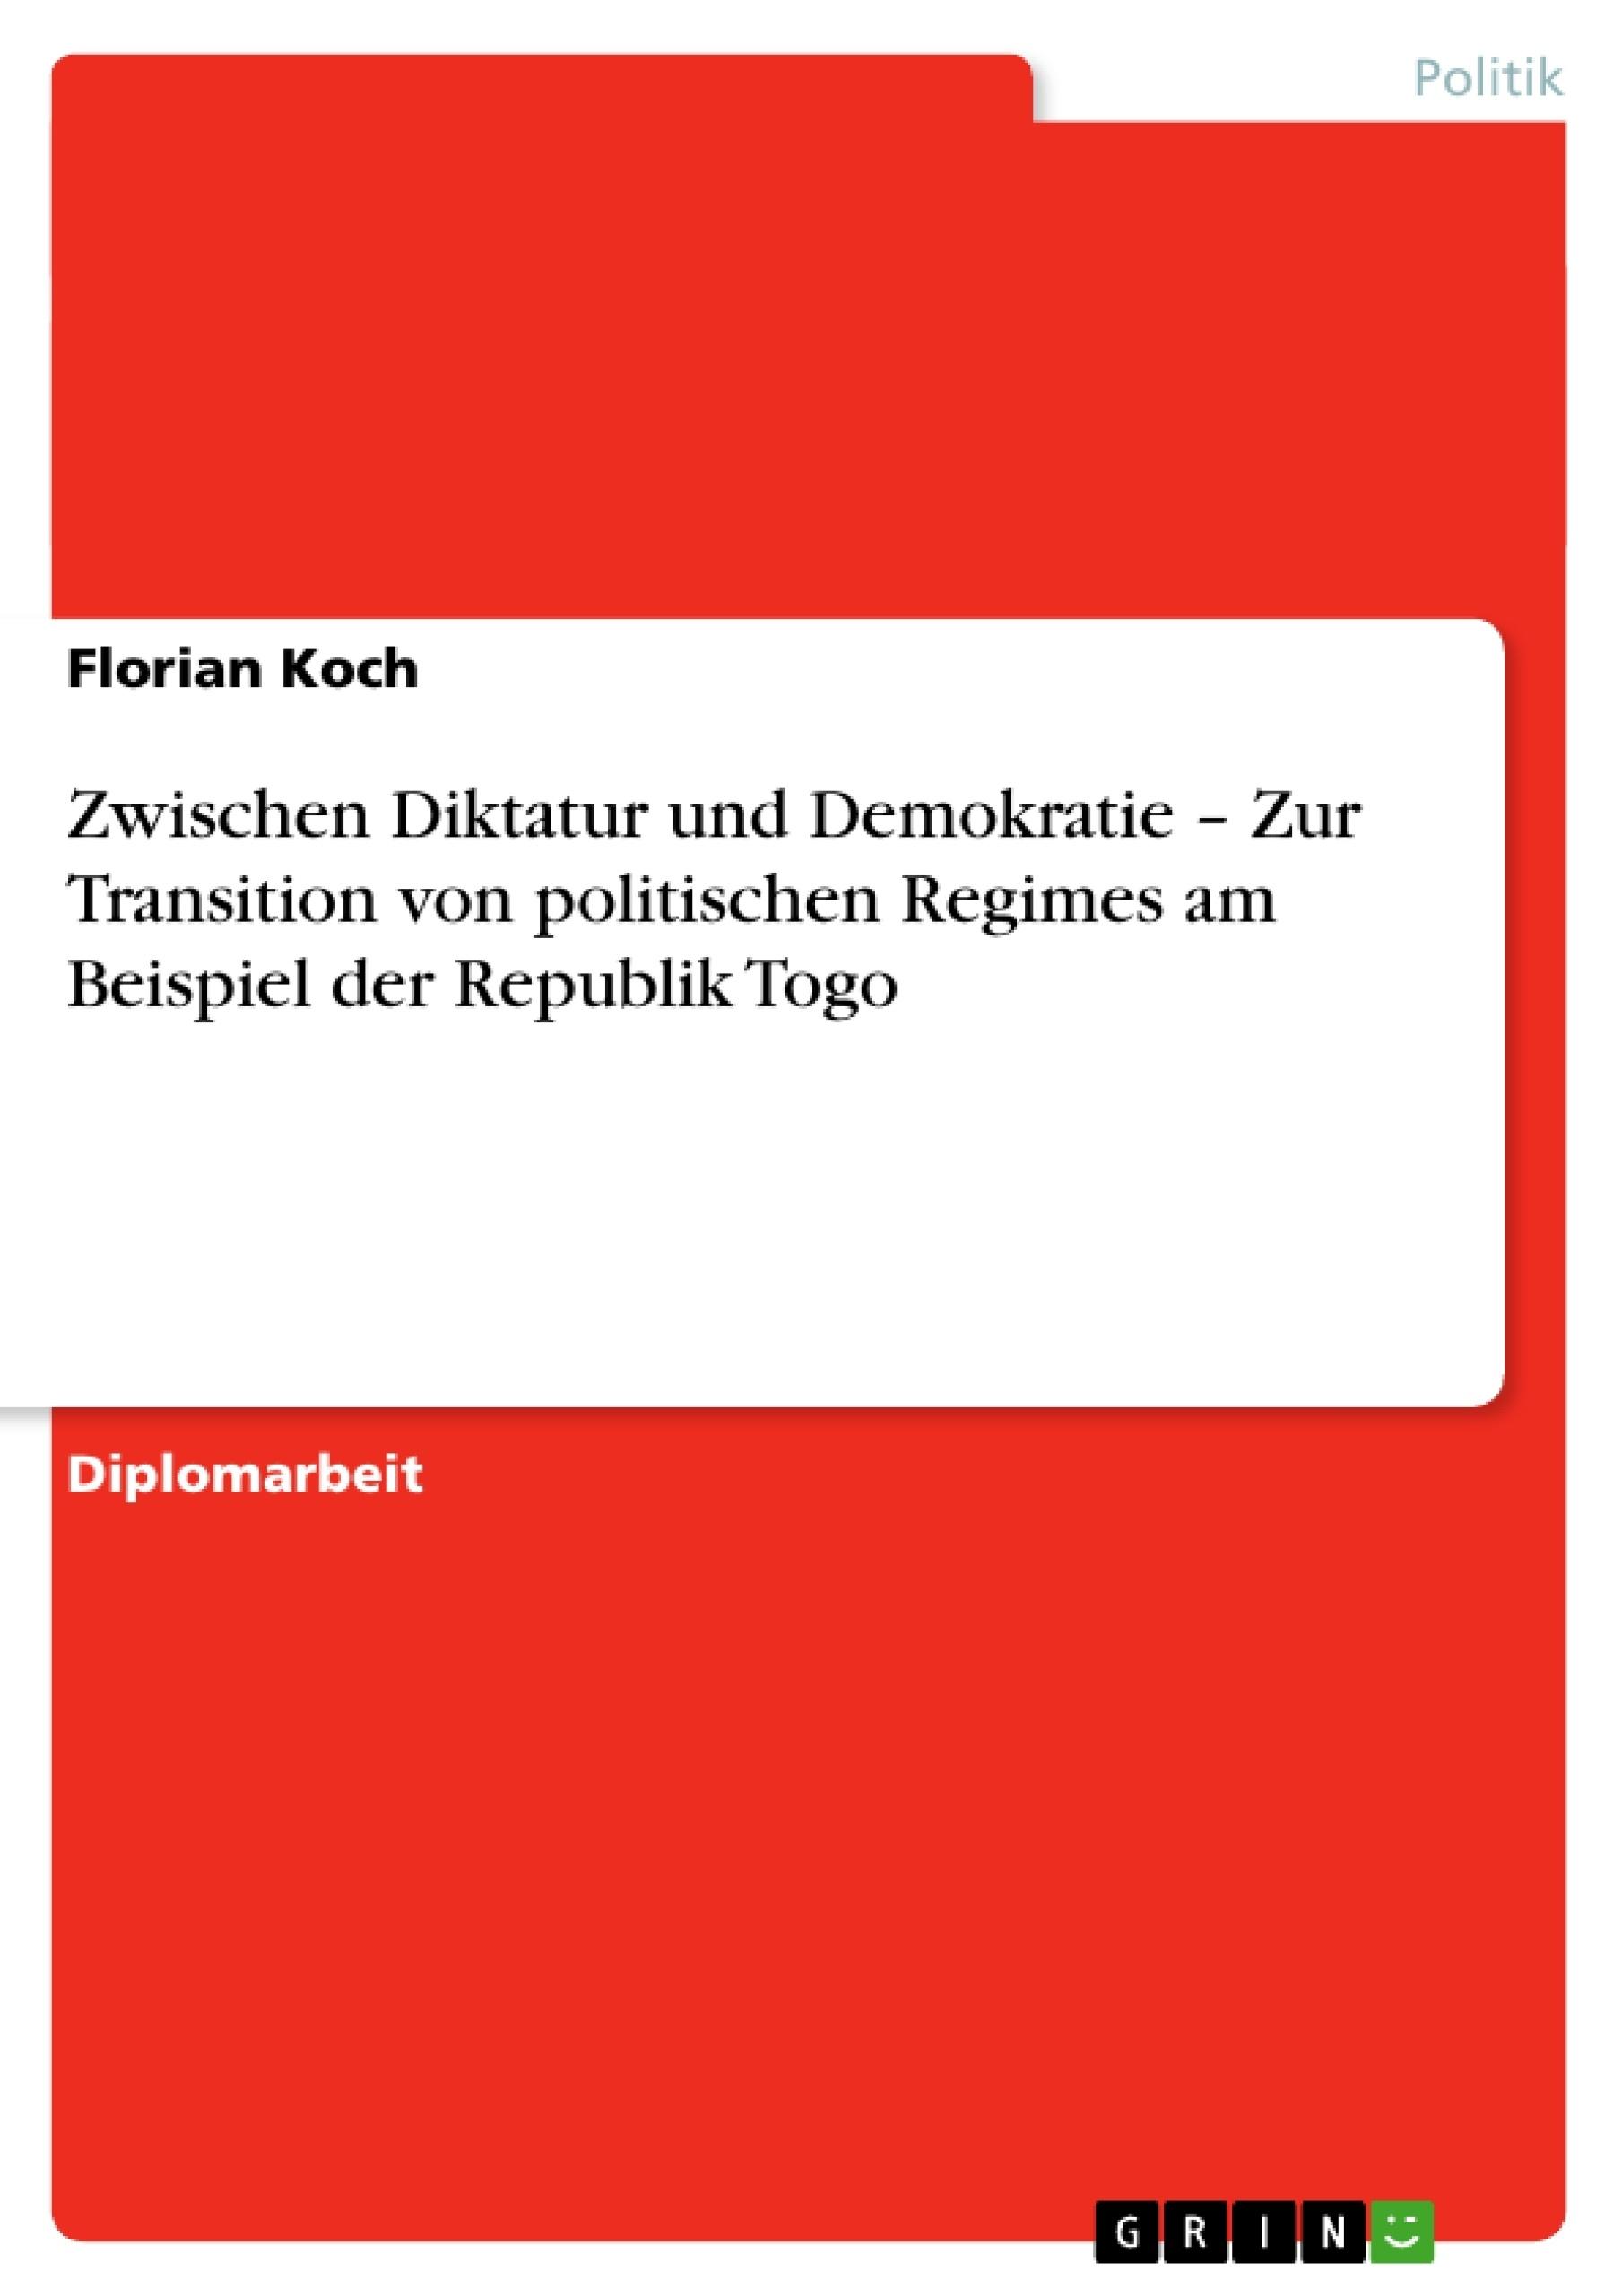 Titel: Zwischen Diktatur und Demokratie – Zur Transition von politischen Regimes am Beispiel der Republik Togo